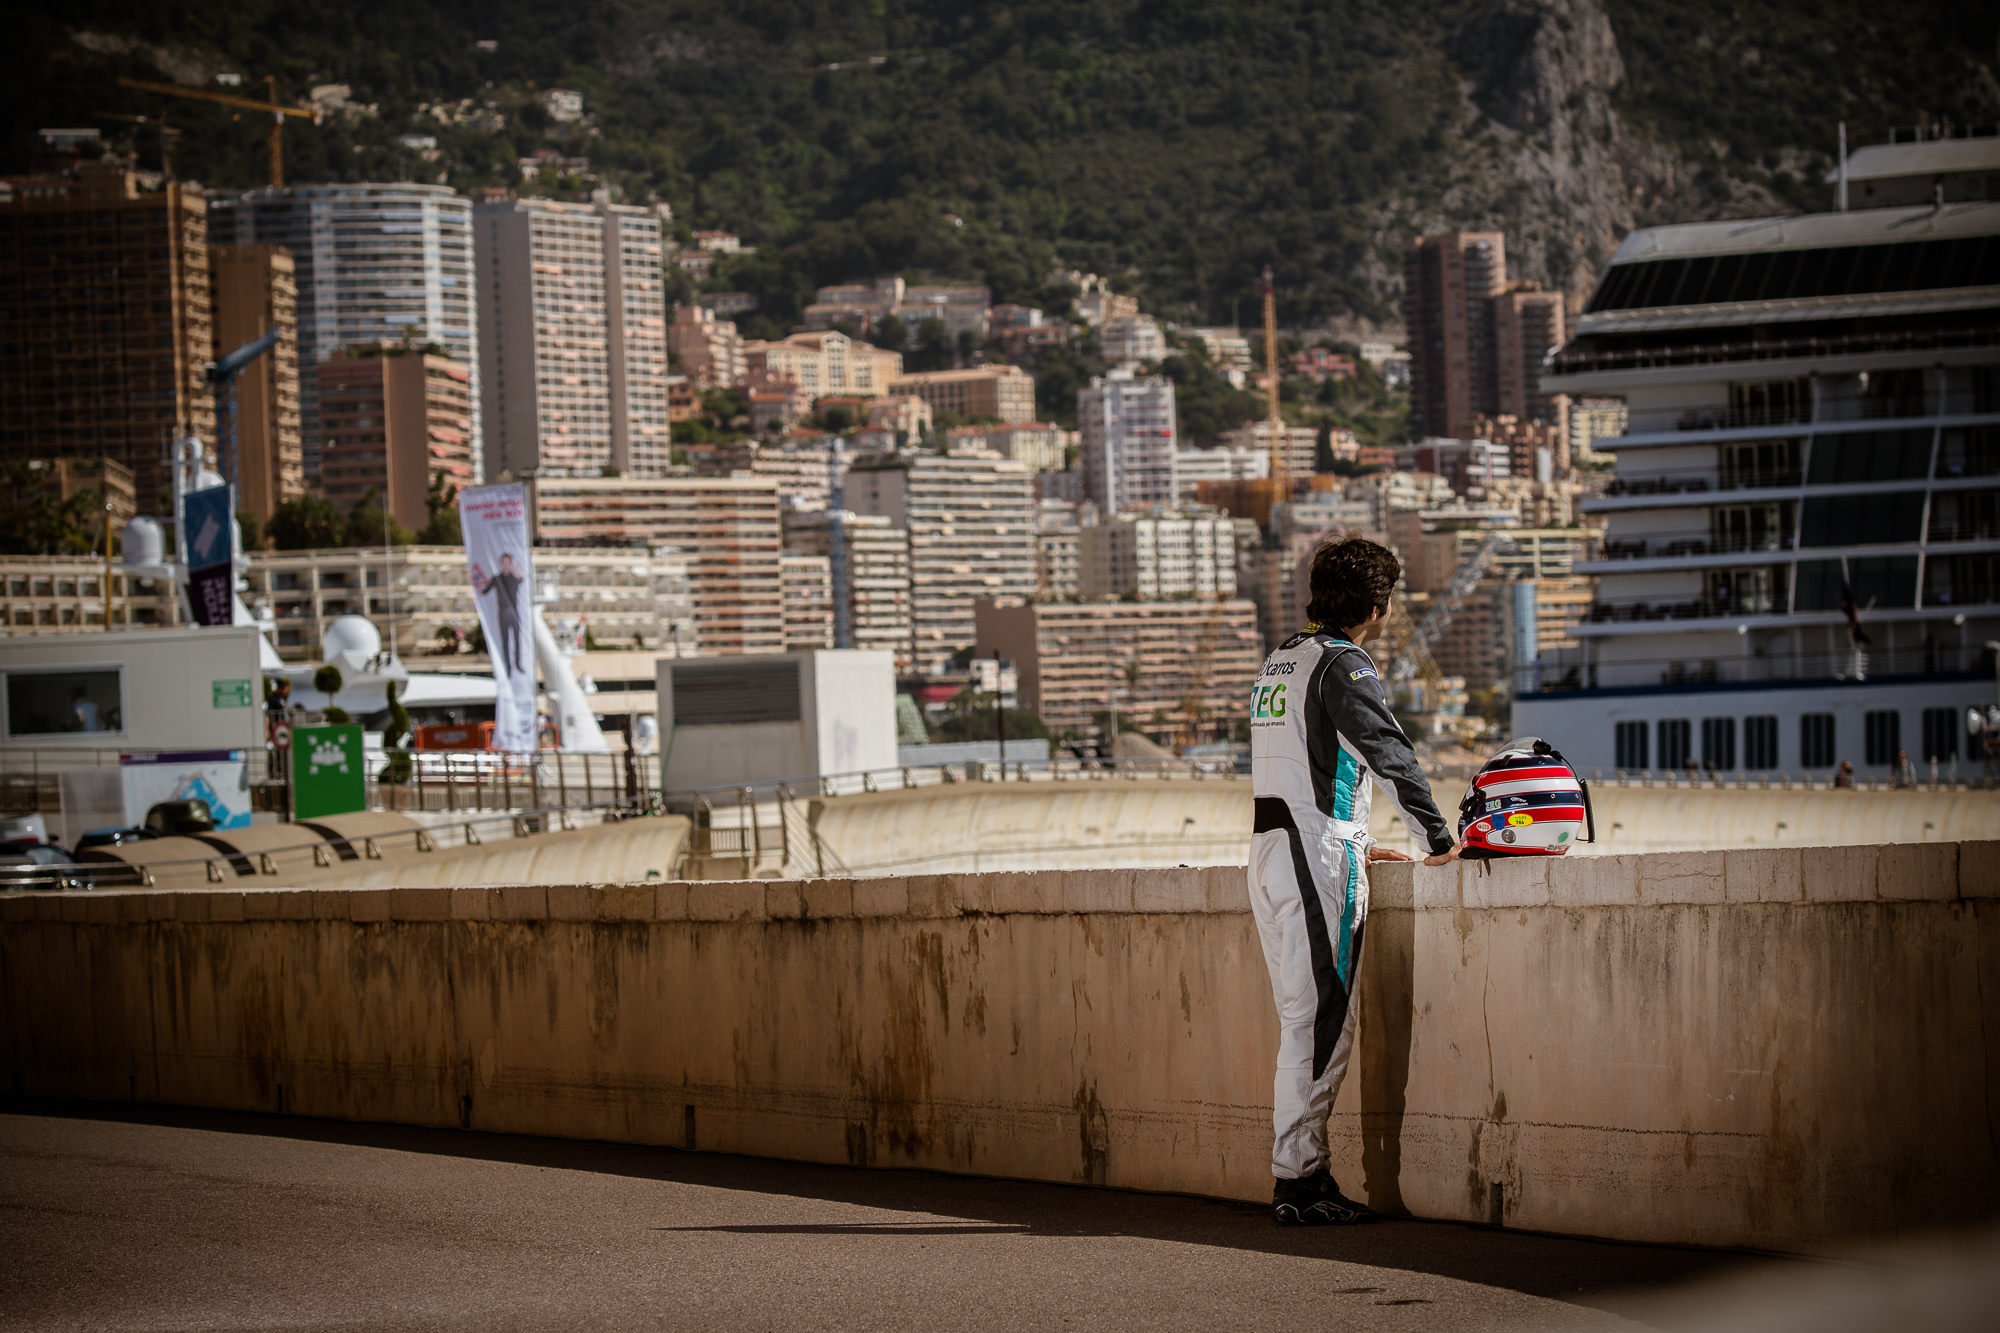 Jaguar_7.Monaco_josemariodias_01041